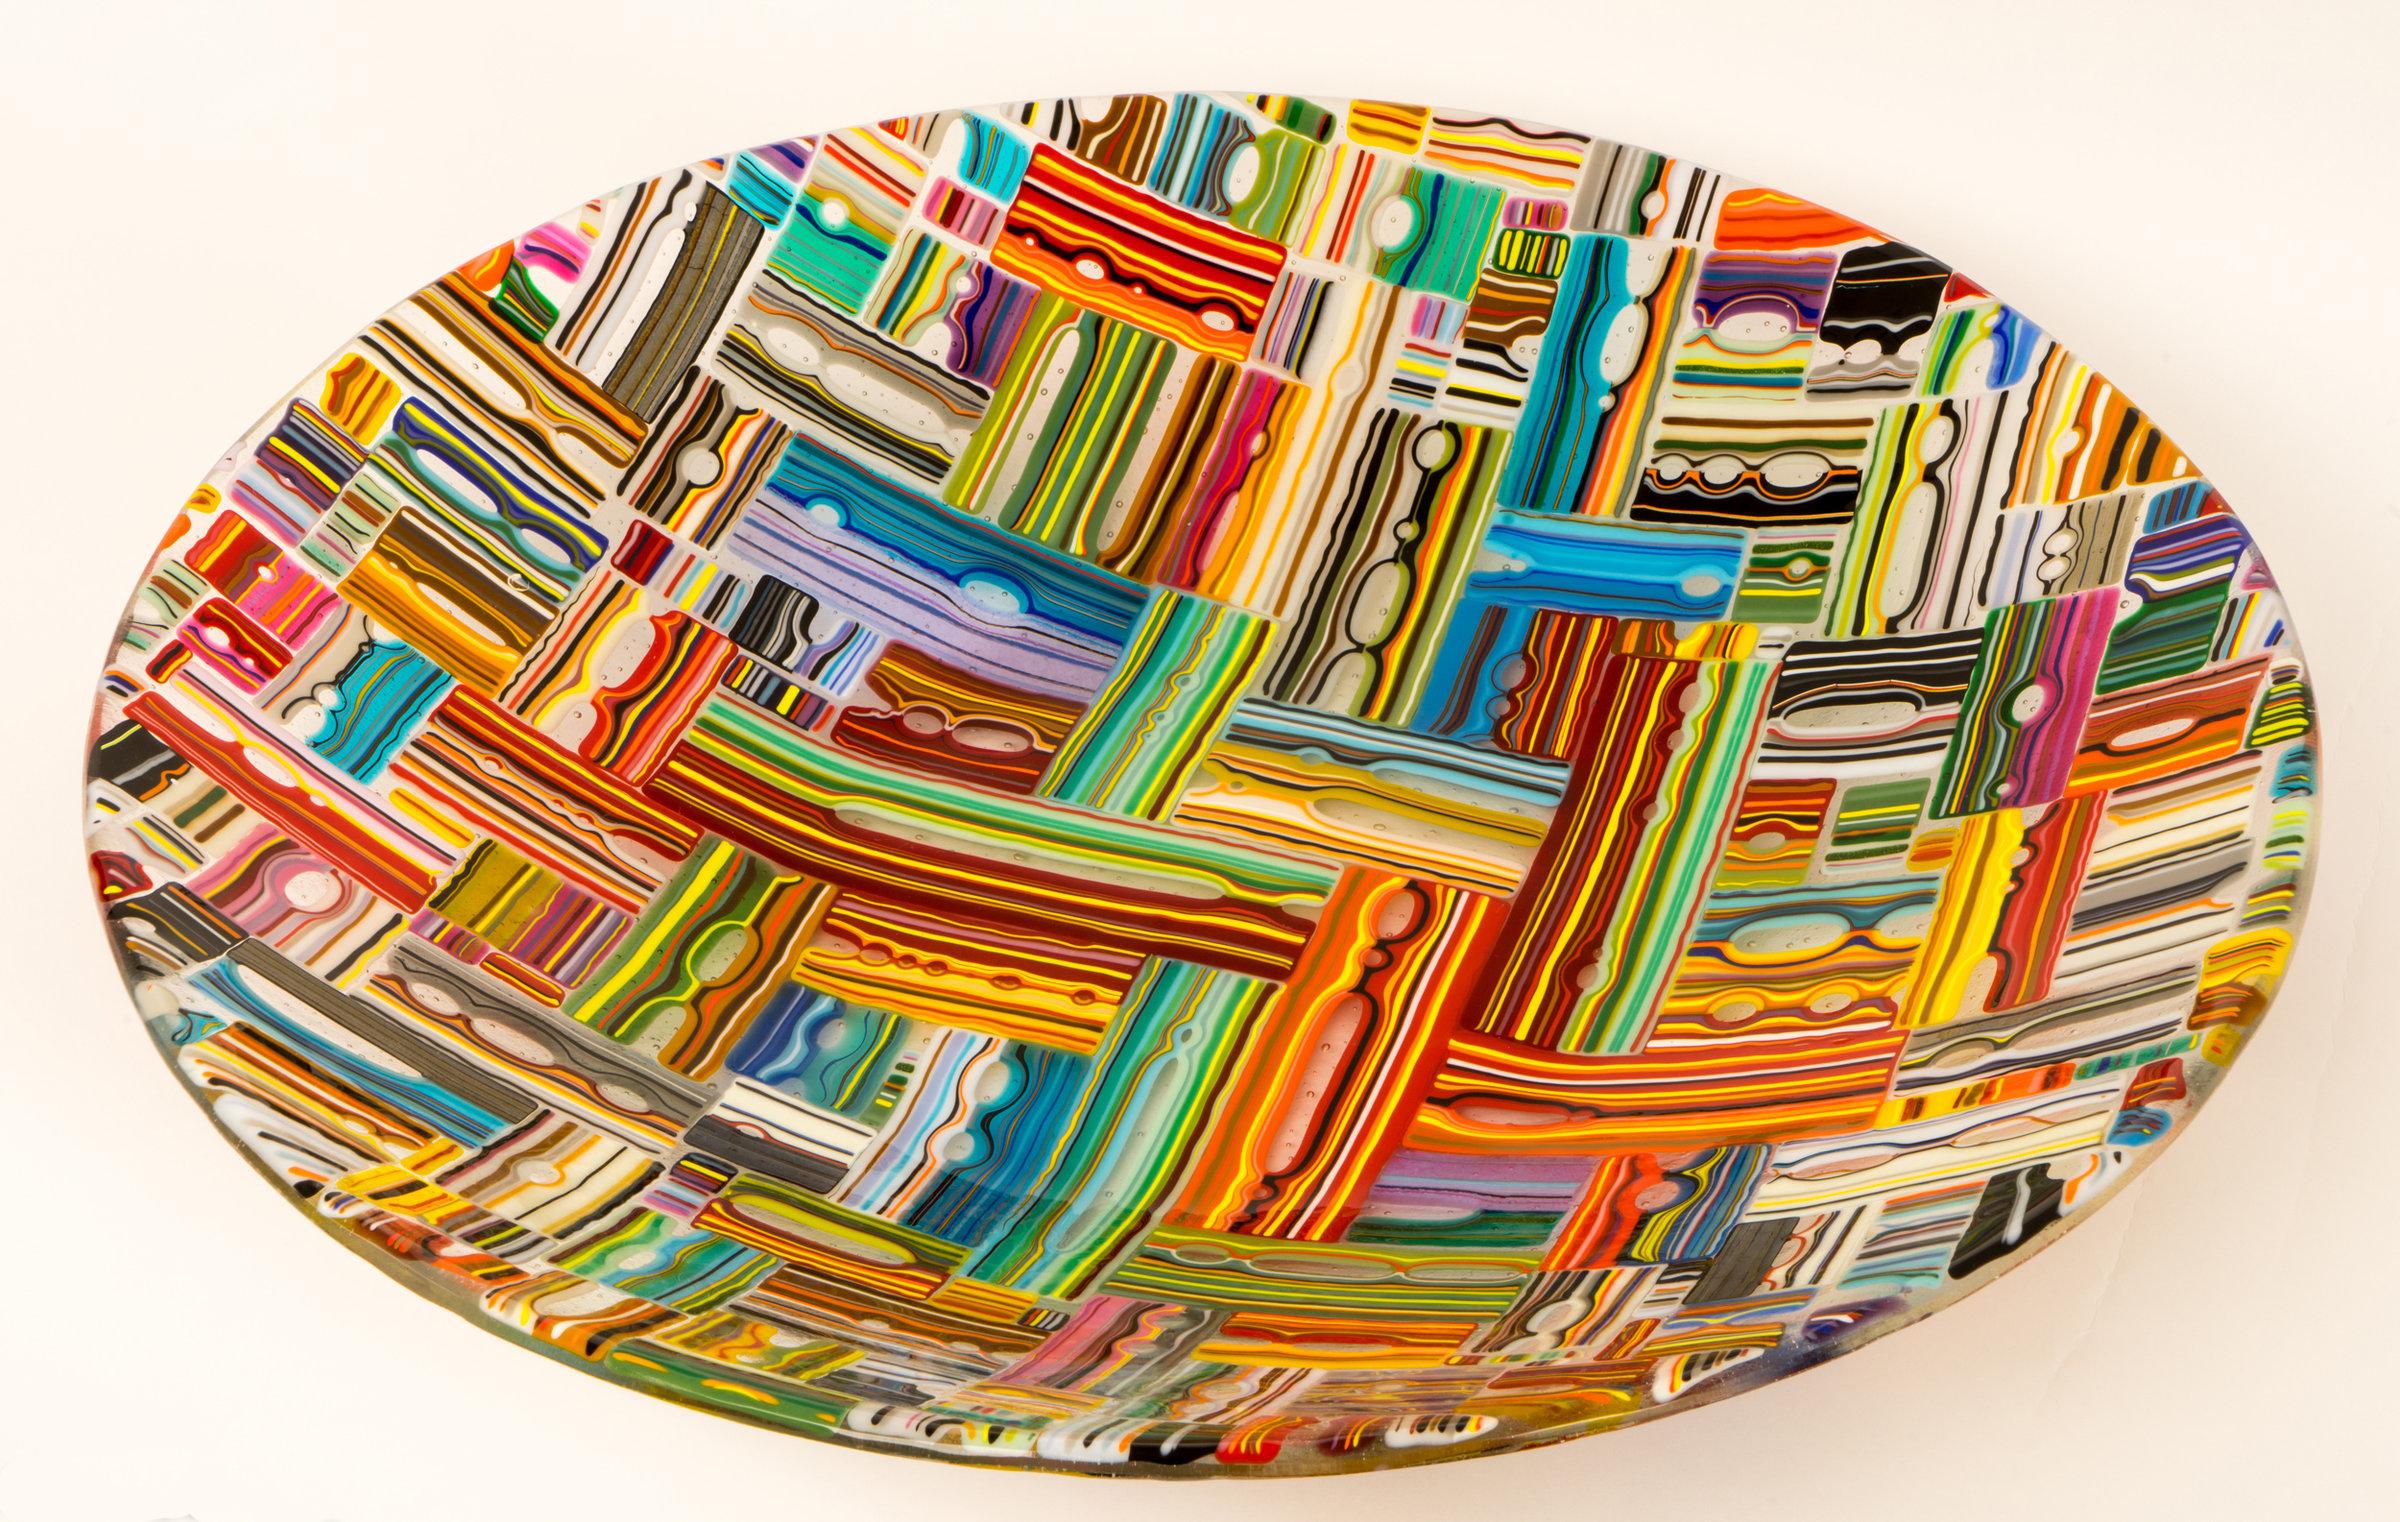 Black & Gold Peacock Vase by Mark Rosenbaum (Art Glass